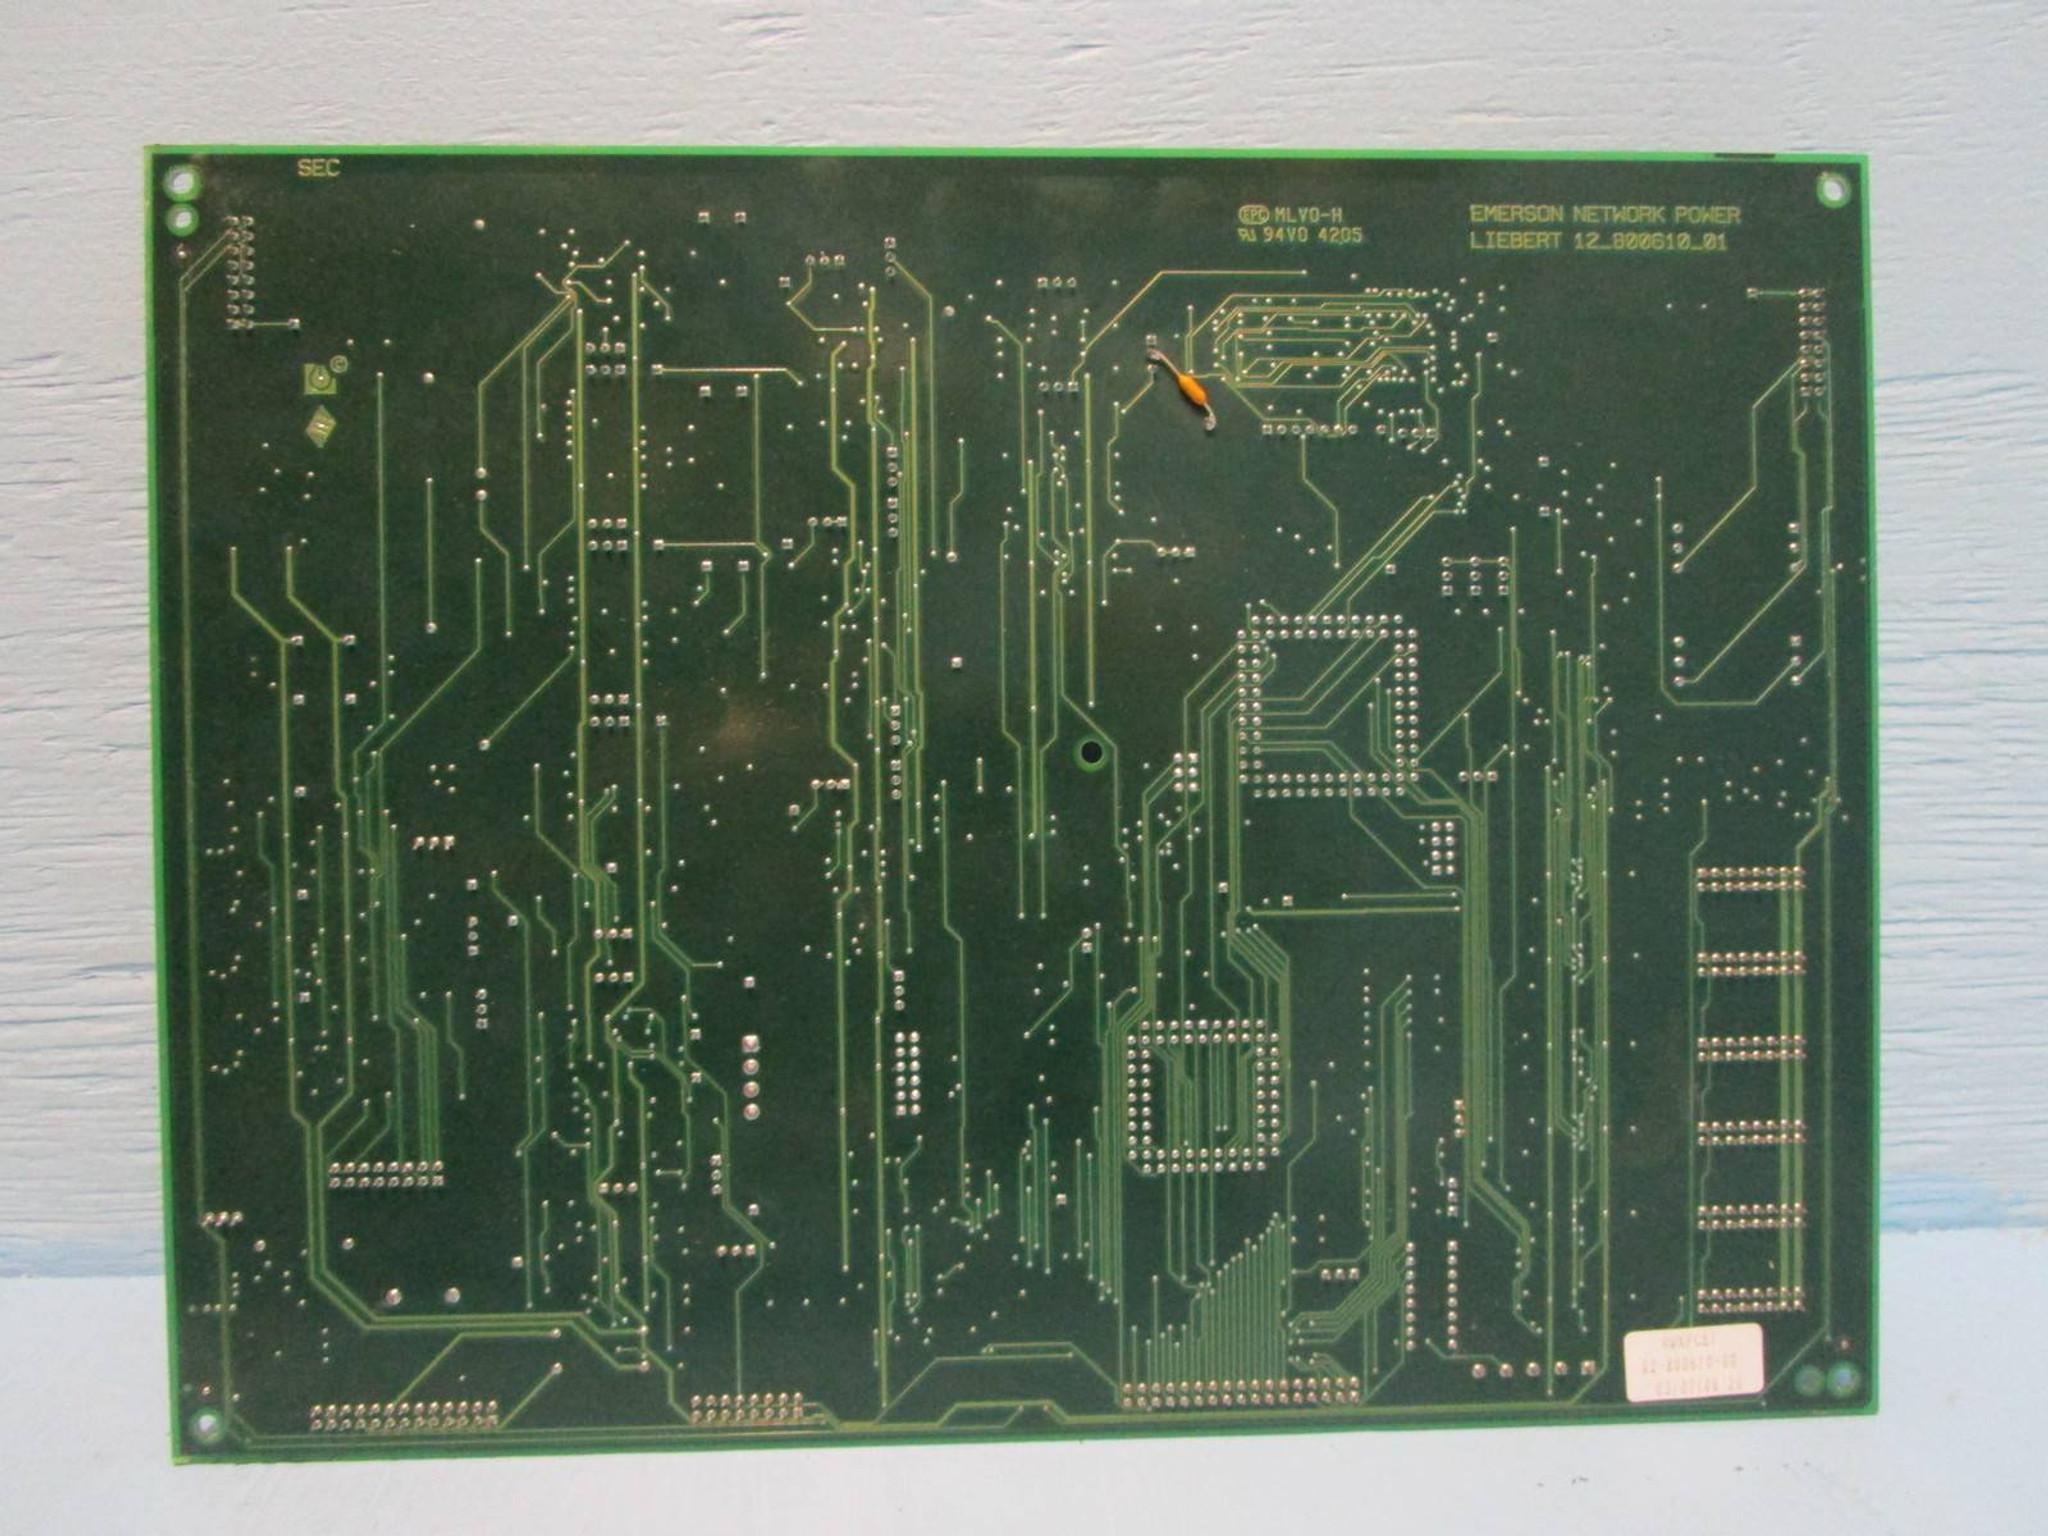 Liebert UPS 02-800610-00 PCB Emerson Network Power Board OSC/_FREQ ActivePower